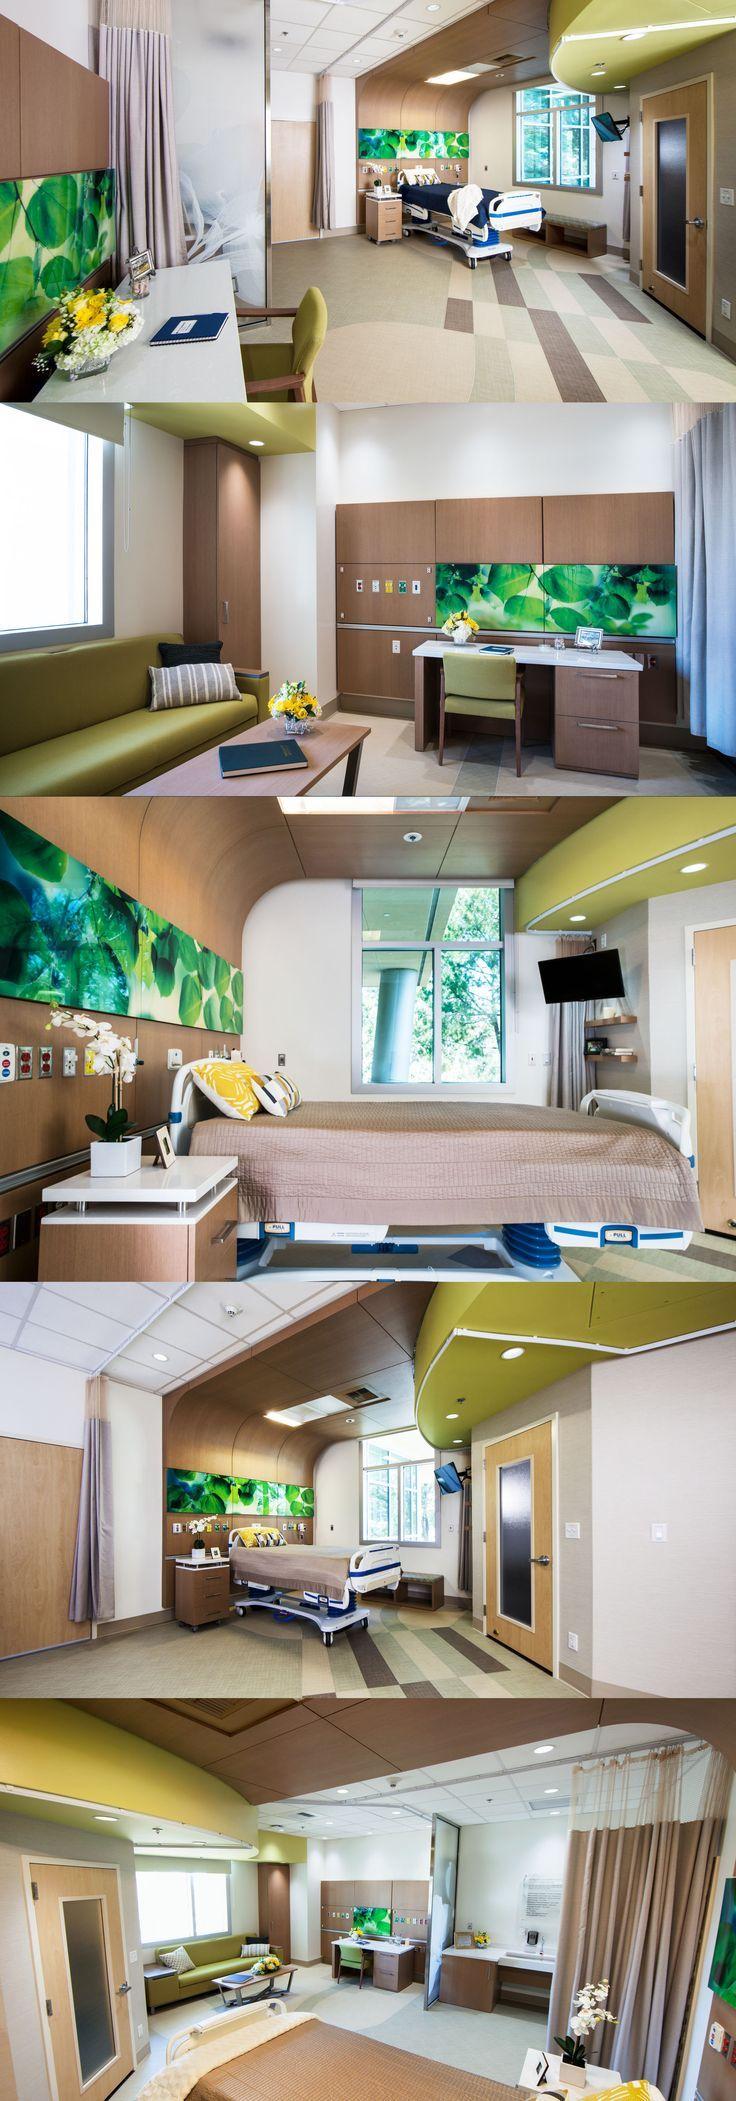 Healthcare design for providence saint josephs medical